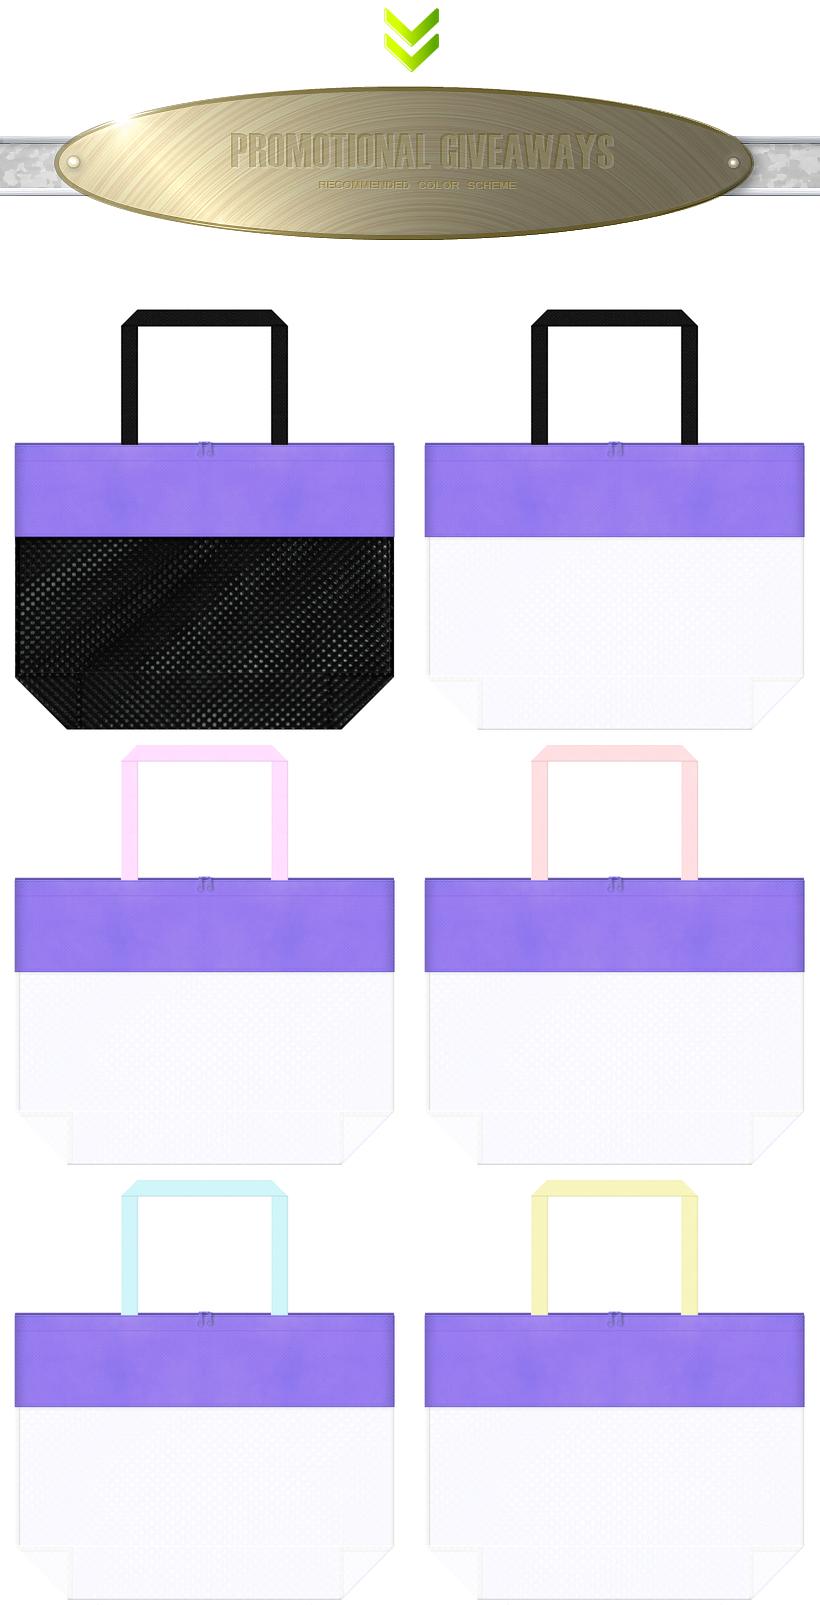 黒色メッシュ・白メッシュと薄紫色の不織布をメインに使用した、台形型メッシュバッグのカラーシミュレーション